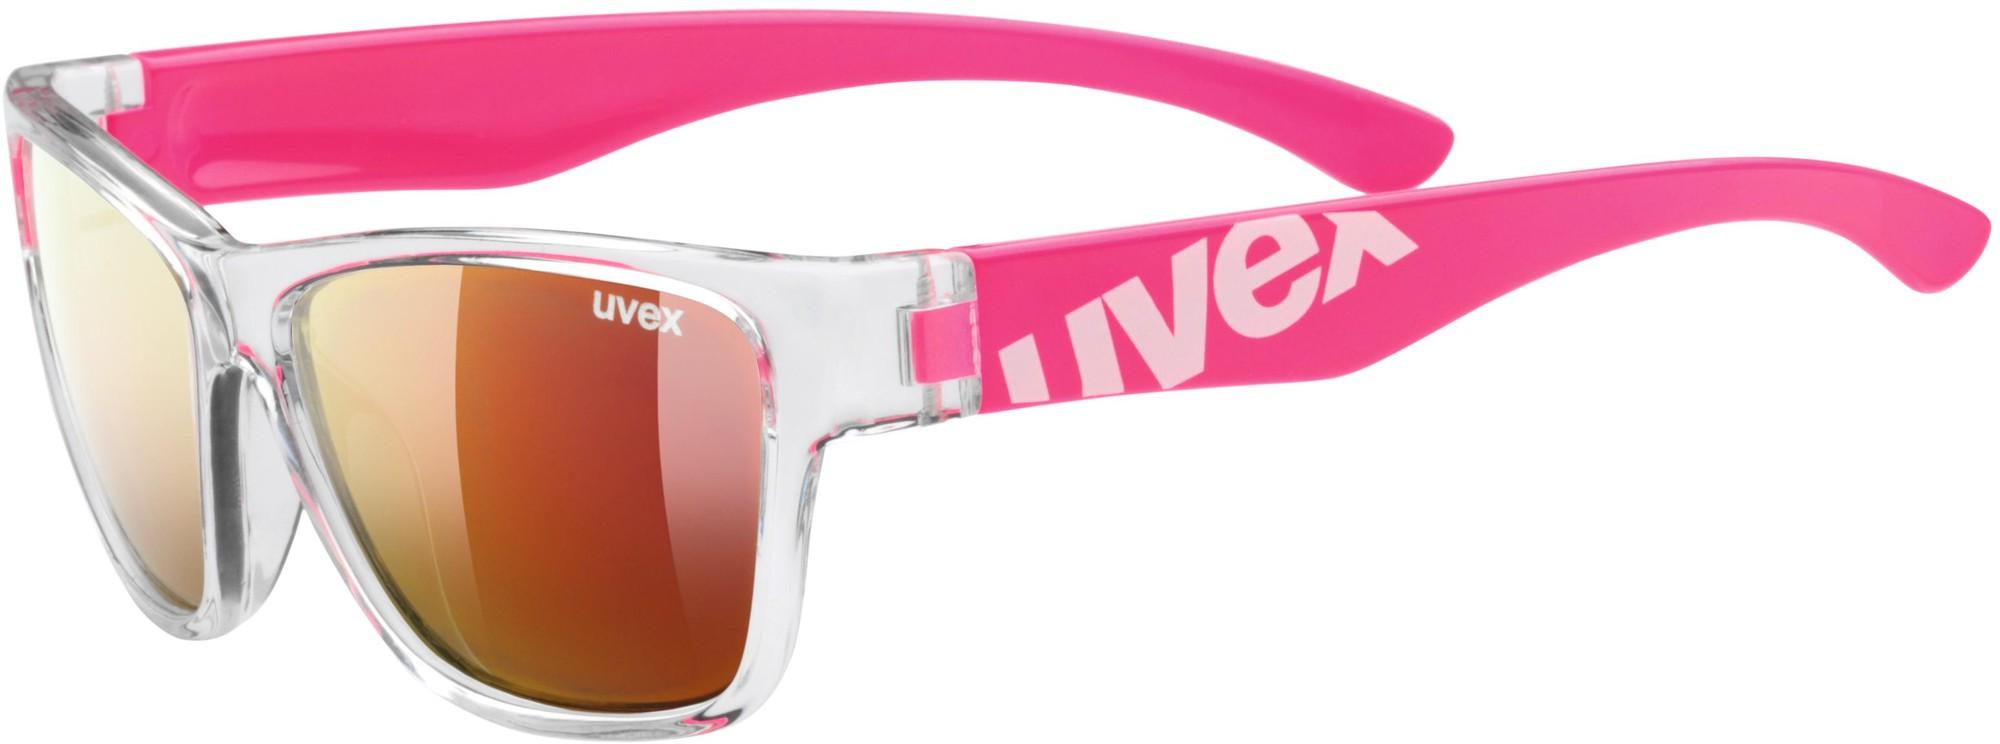 Фото - Uvex Солнцезащитные очки детские Uvex Sportstyle 508 cолнцезащитные очки real kids детские серф оранжевые 7surnor